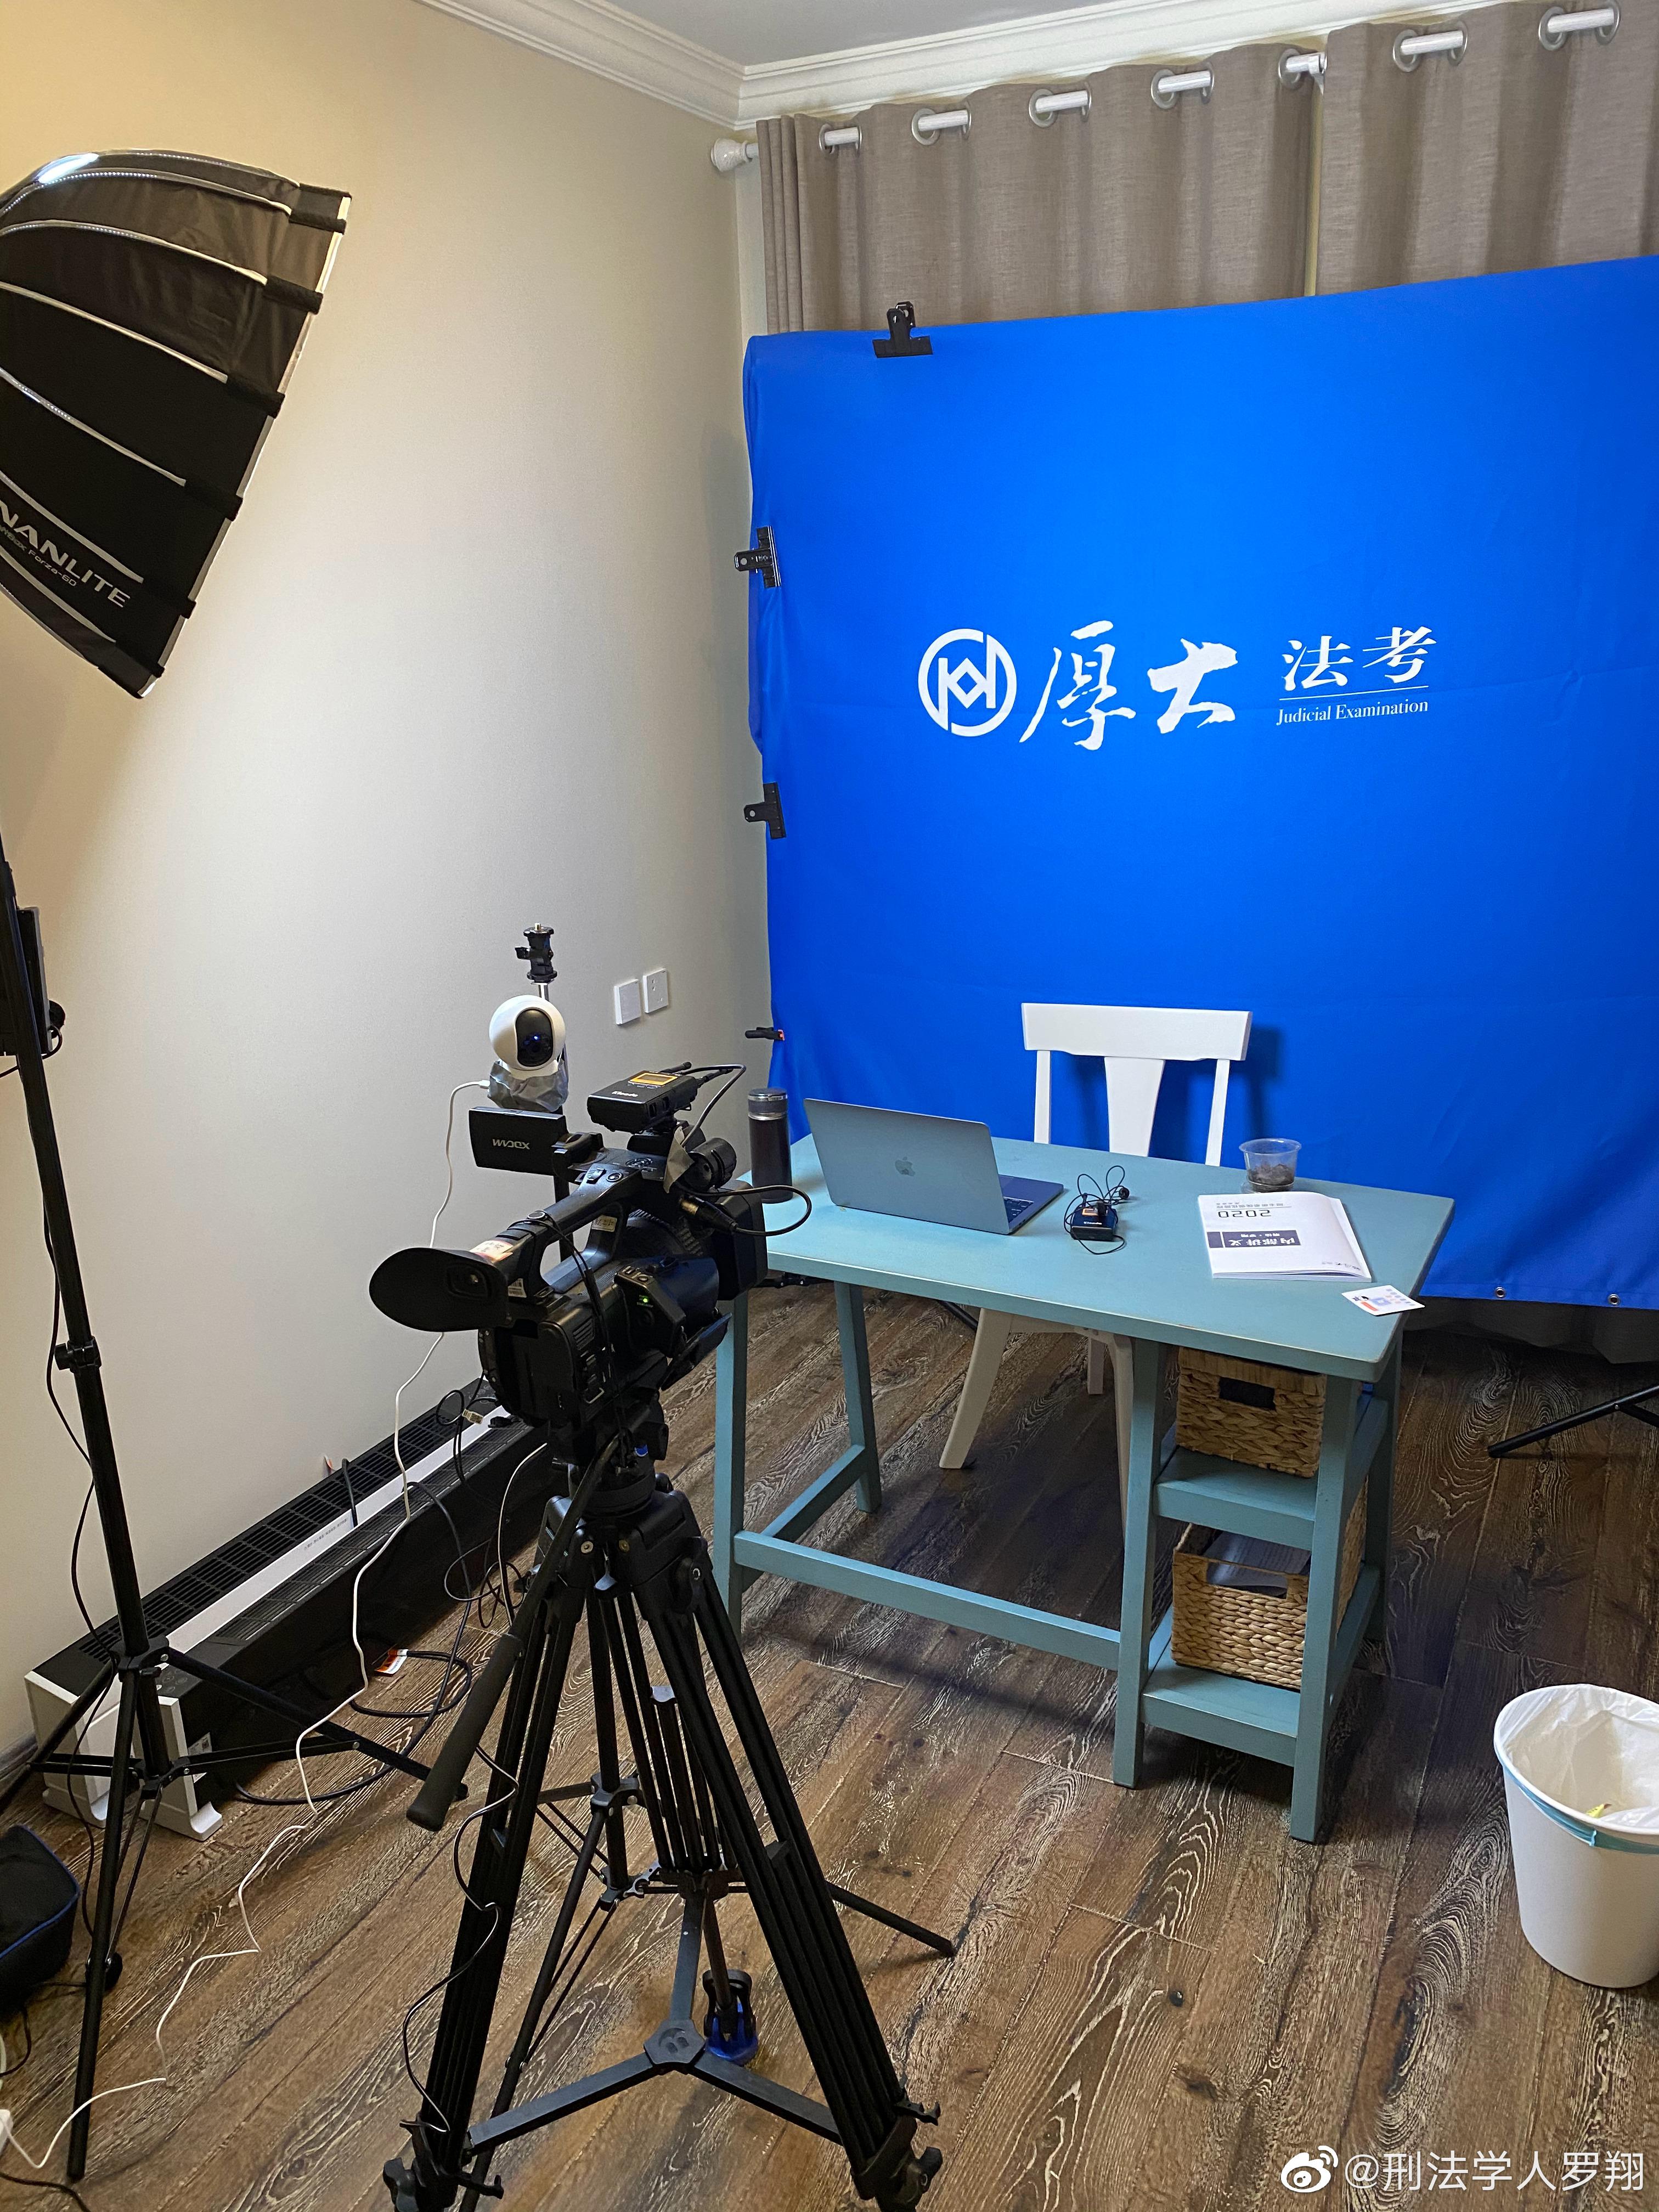 """日刊: """"ASMR""""是什么?熊猫倒闭前的卖肉视频有多好看? liuliushe.net六六社 第72张"""